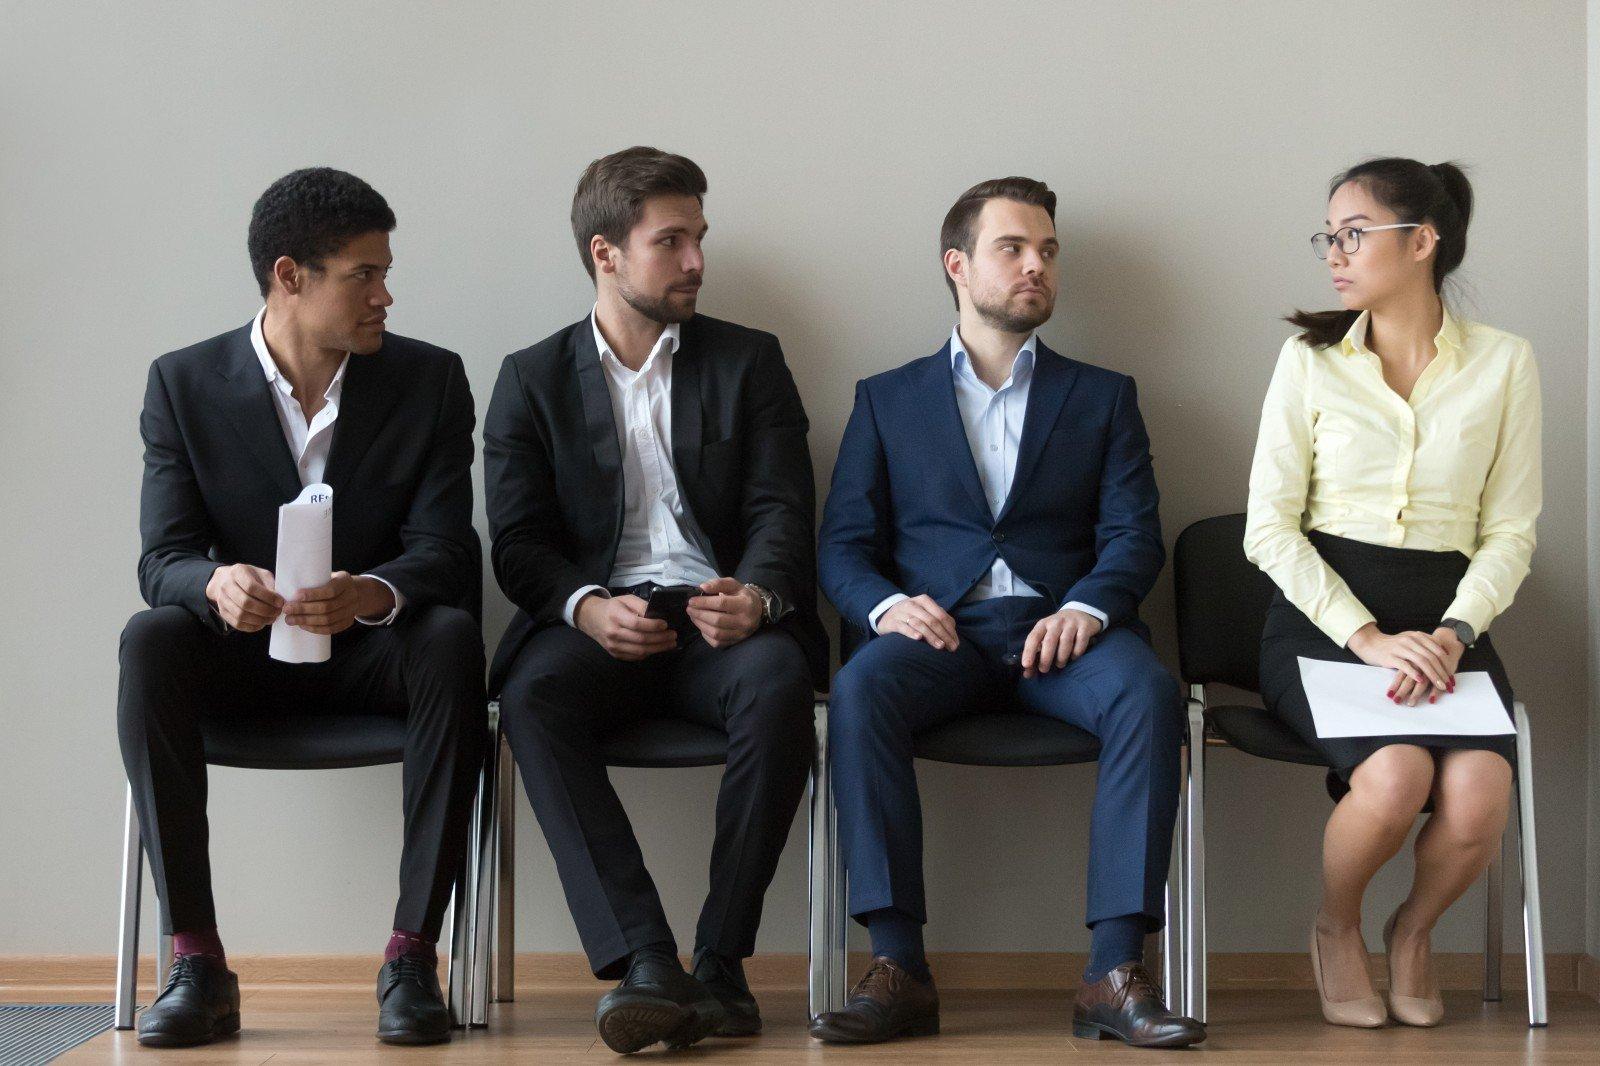 Мужчины против женщин: как нам строить карьеру в патриархальном мире? Взгляд из двух лагерей